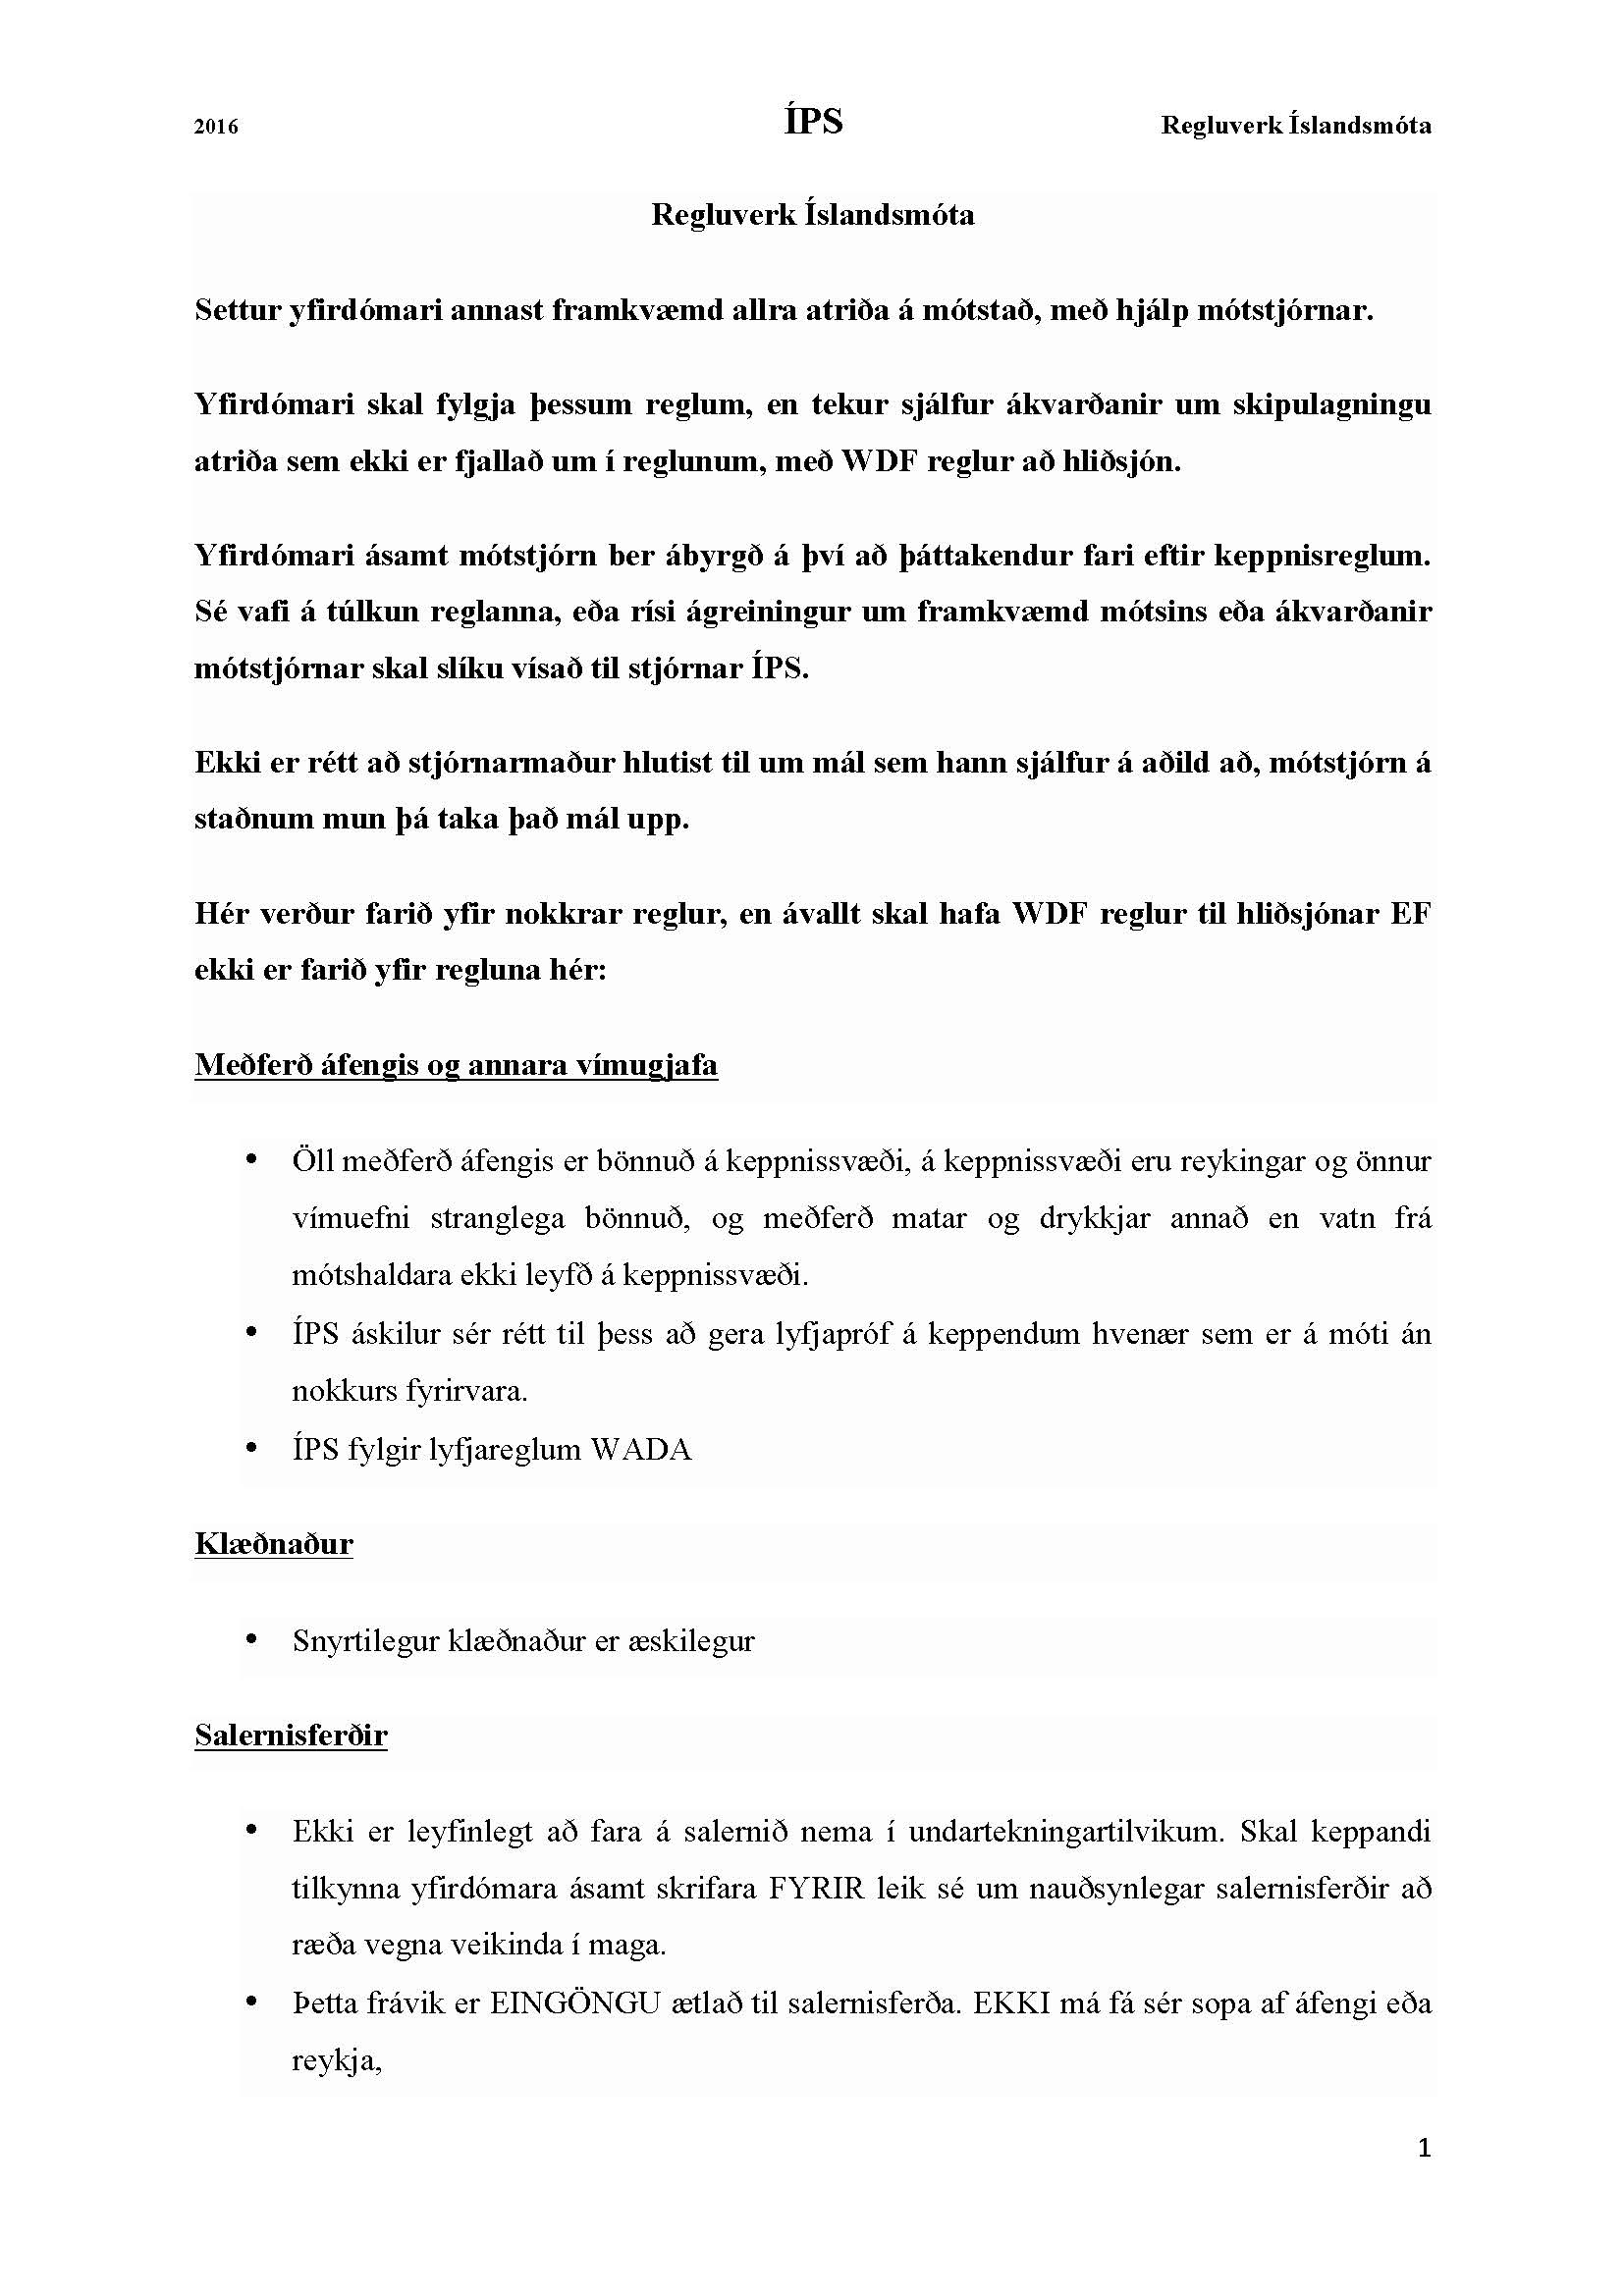 Regluverk Íslandsmóta_Page_1